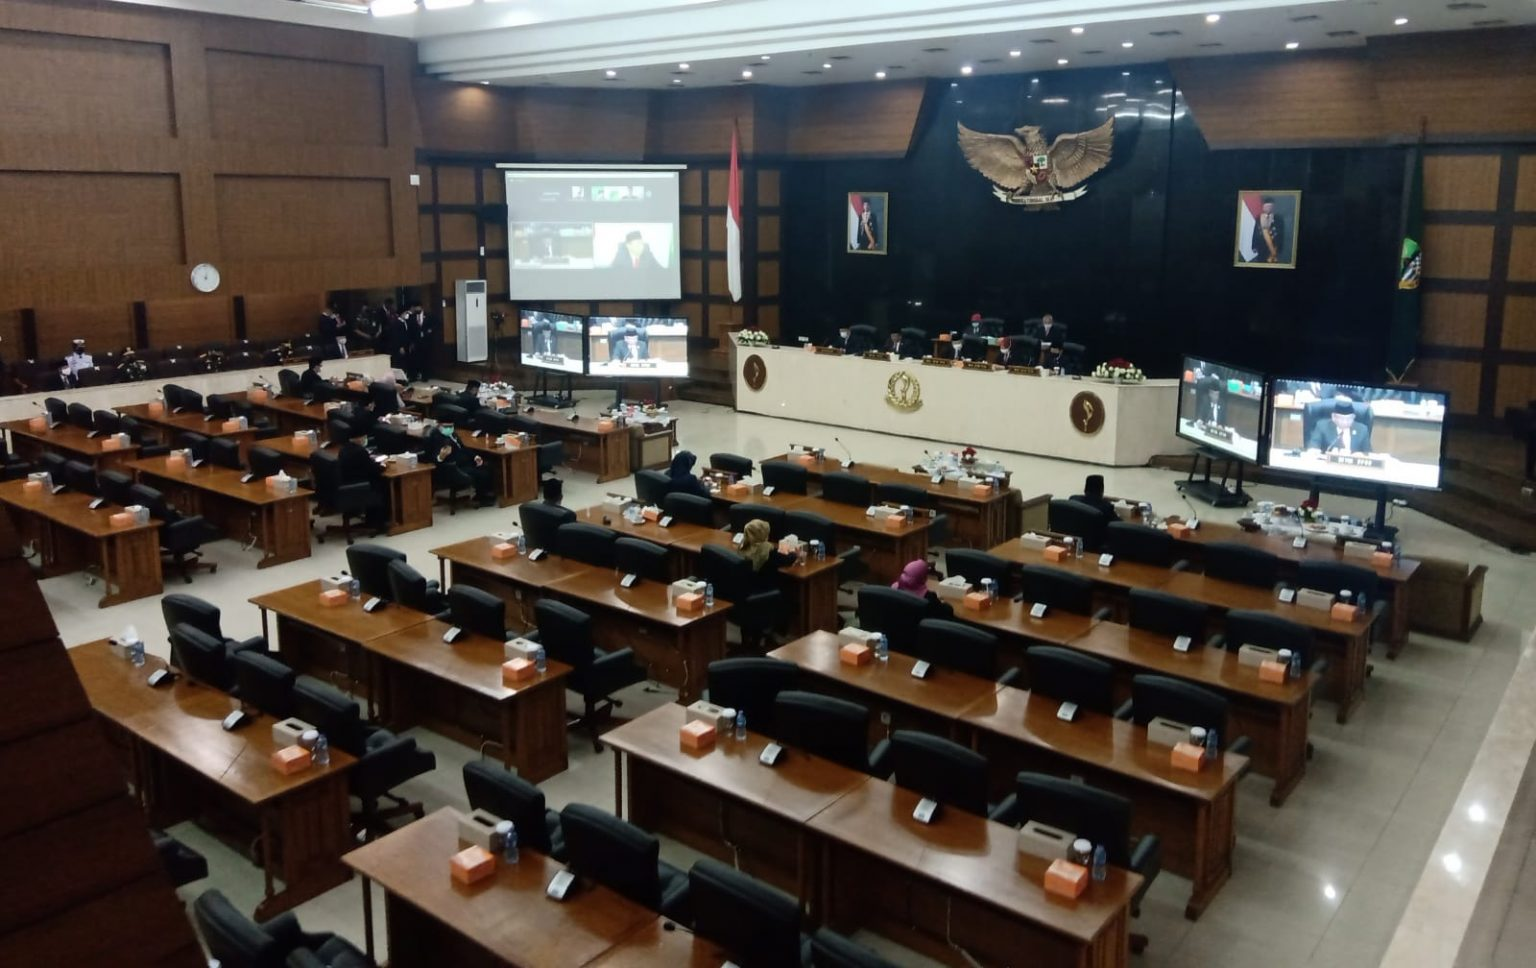 Ade Barkah Resmi Dicopot Dari Jabatan Wakil Ketua DPRD Jabar, Digantikan Ade Ginanjar